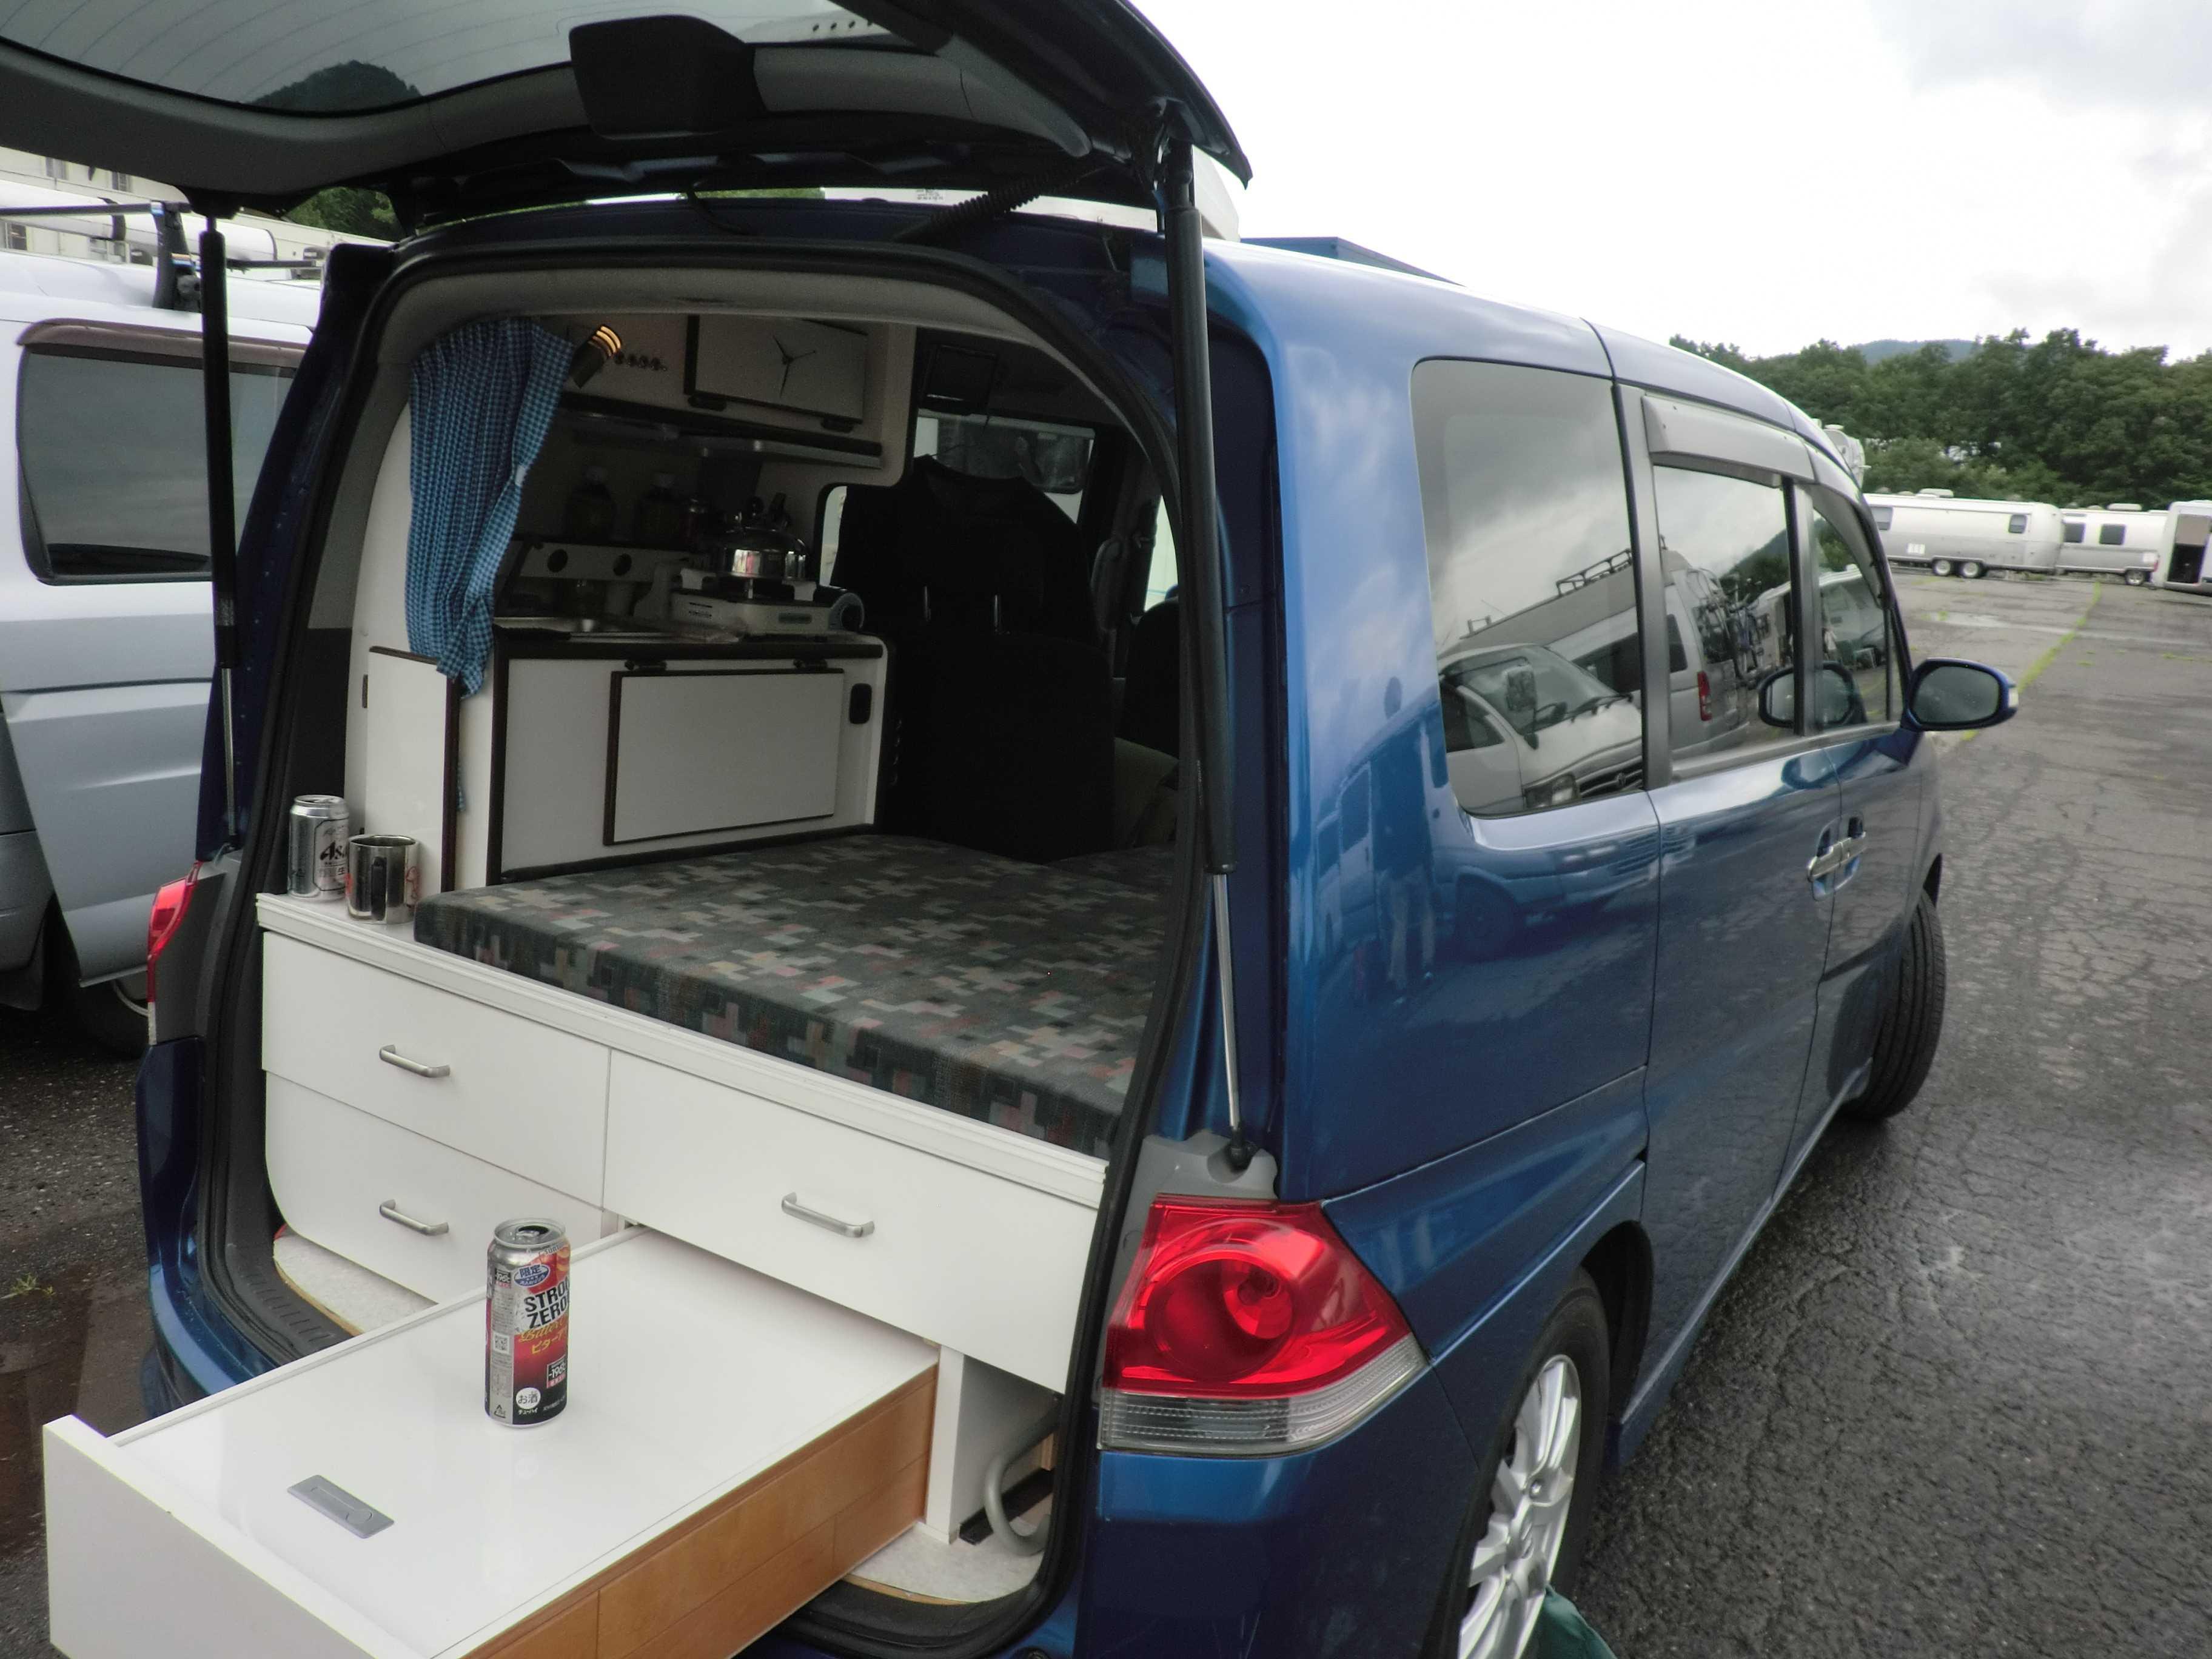 自作 ハイエース キャンピングカー 自作のキャンピングカー!ハイエースを車中泊仕様に改造してみた!Vol.3「テレビをつけてみよう!」